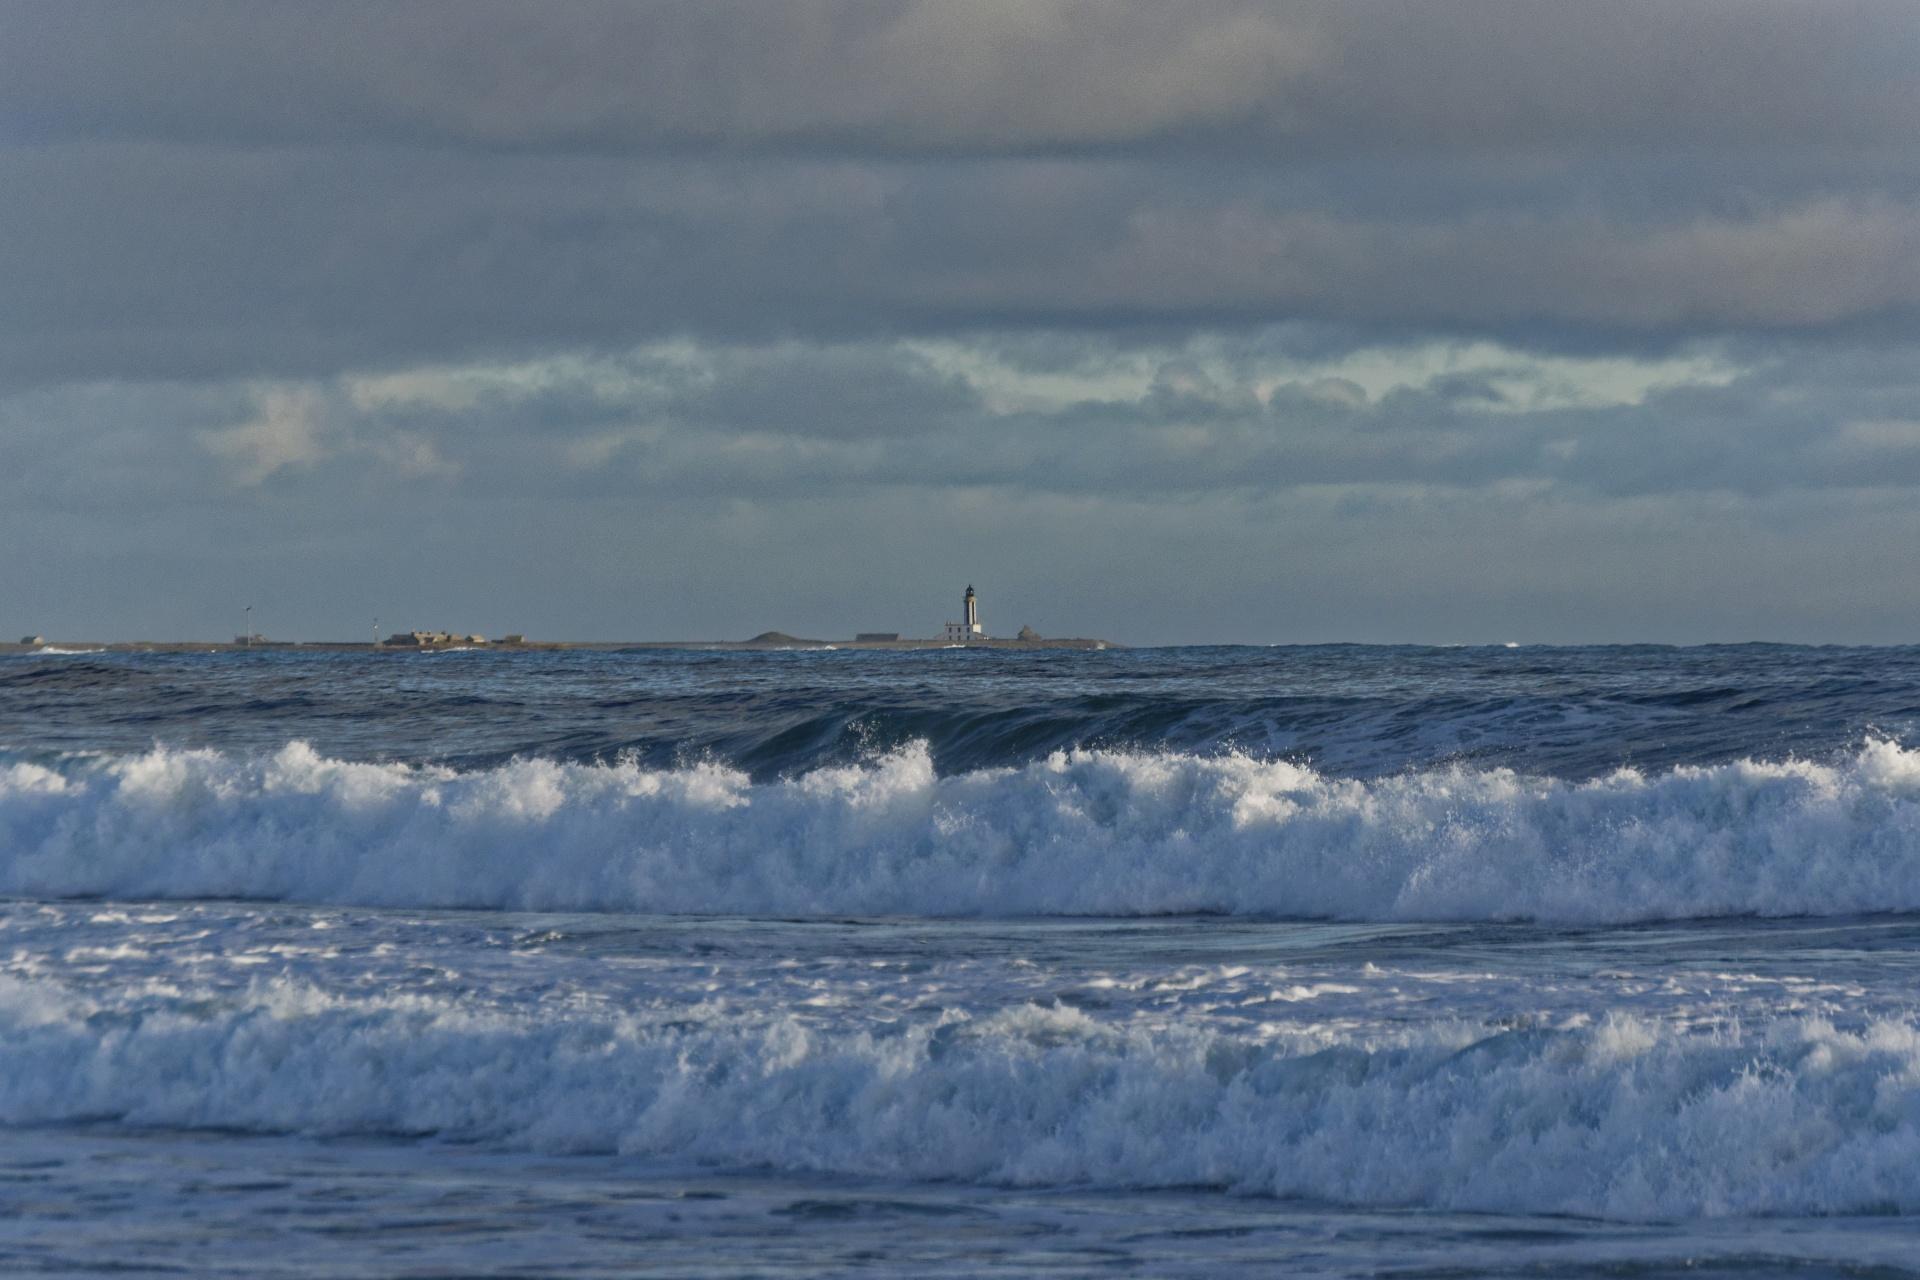 Breaking waves photo